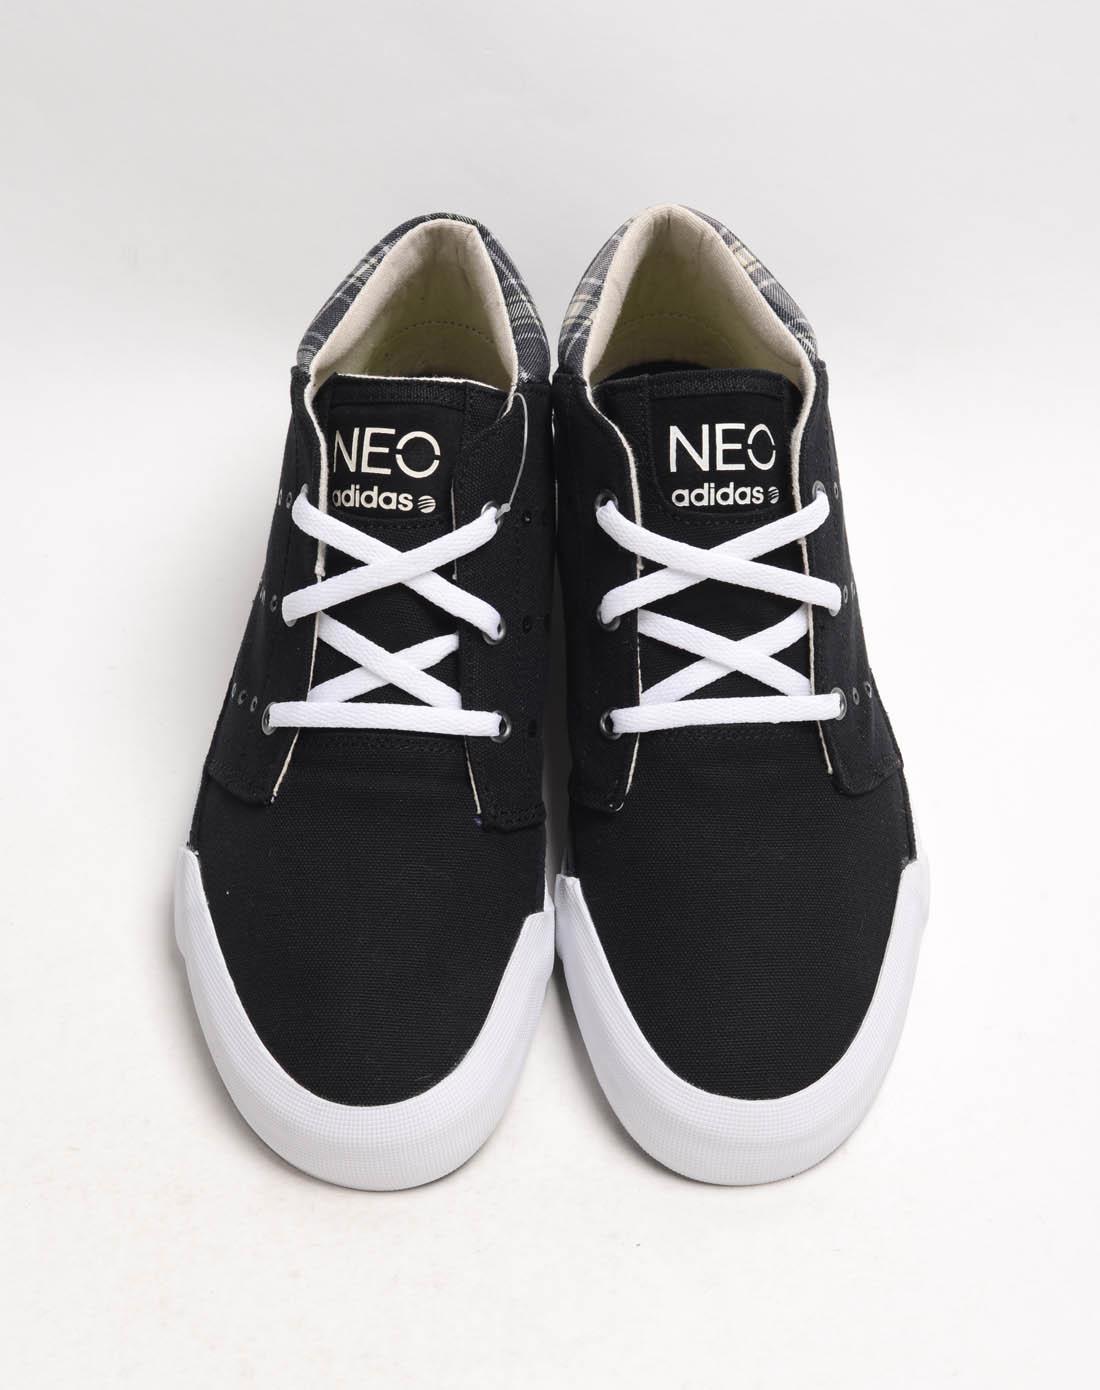 阿迪达斯adidas男女鞋男子黑色复古鞋G53779 唯品会 -男子黑色复古鞋